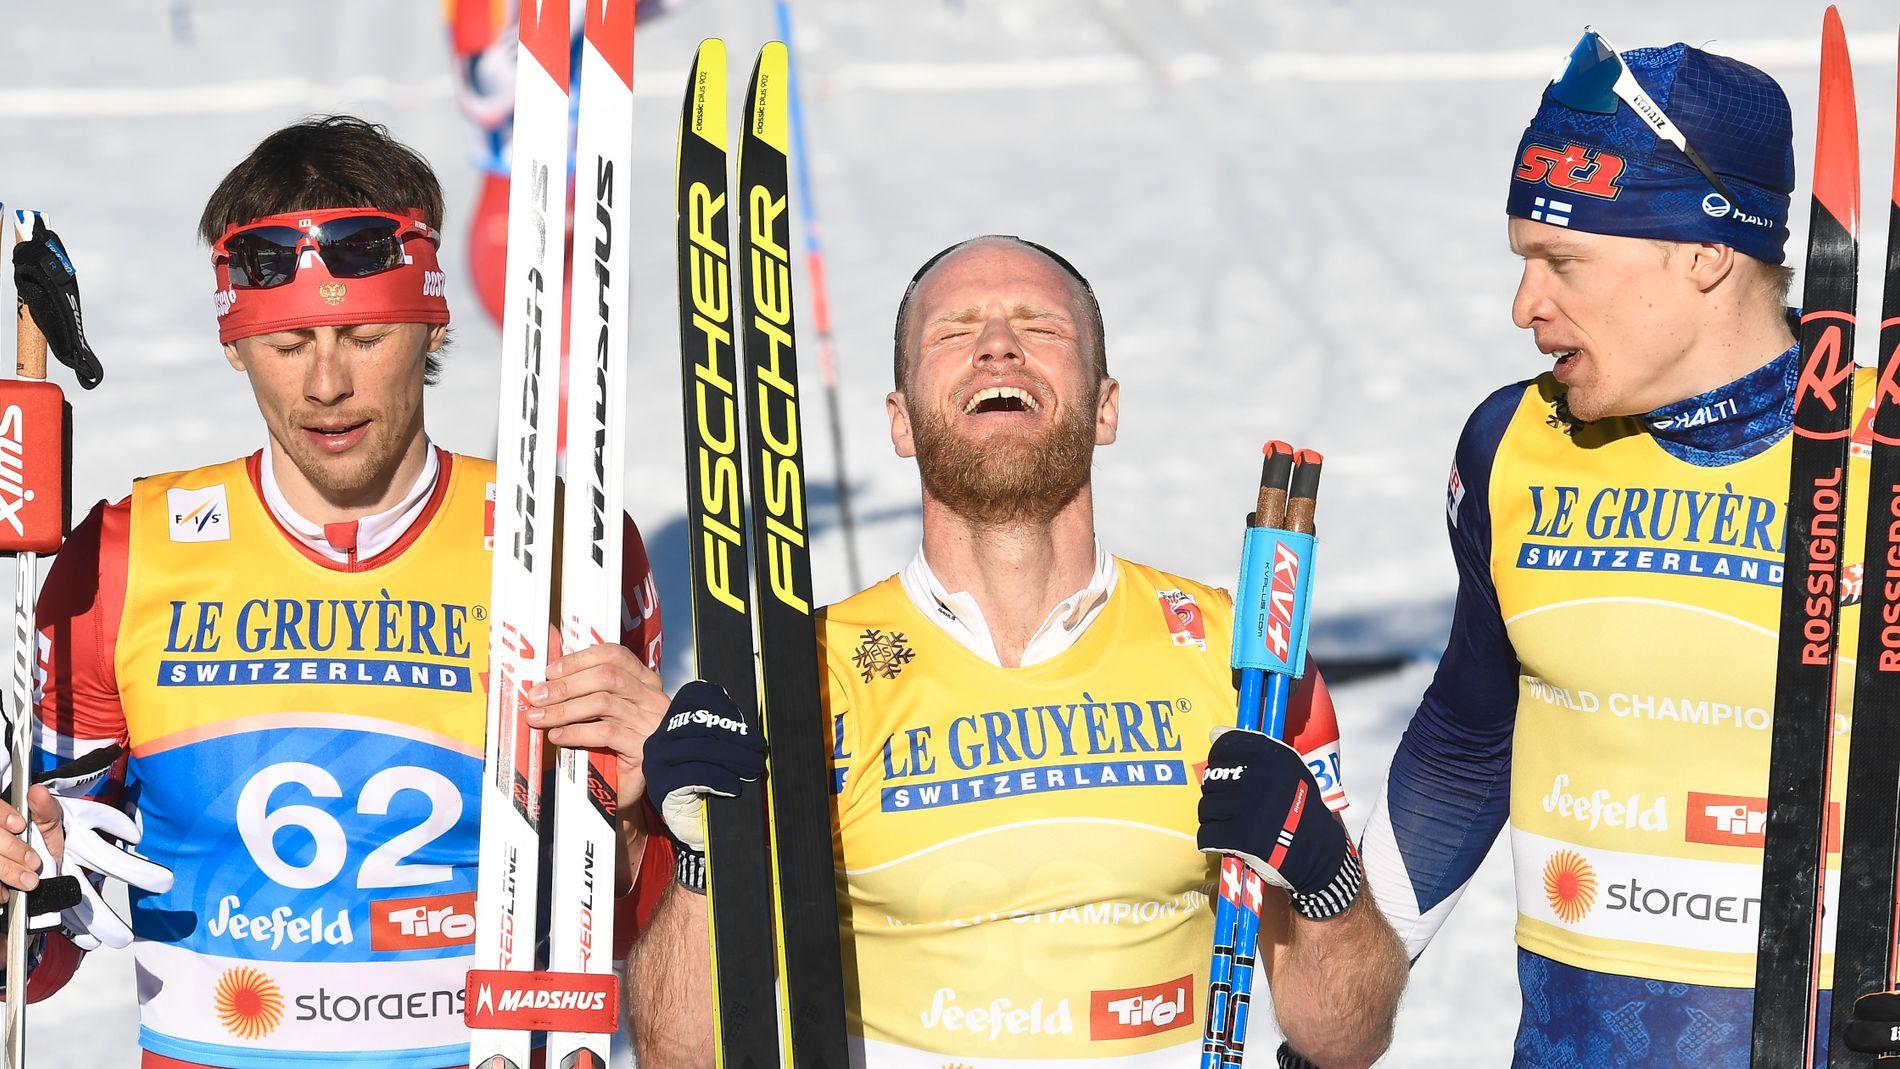 Det gikk til slutt for Martin Johnsrud Sundby. Ti år etter sitt første mesterskap, i tsjekkiske Liberec.